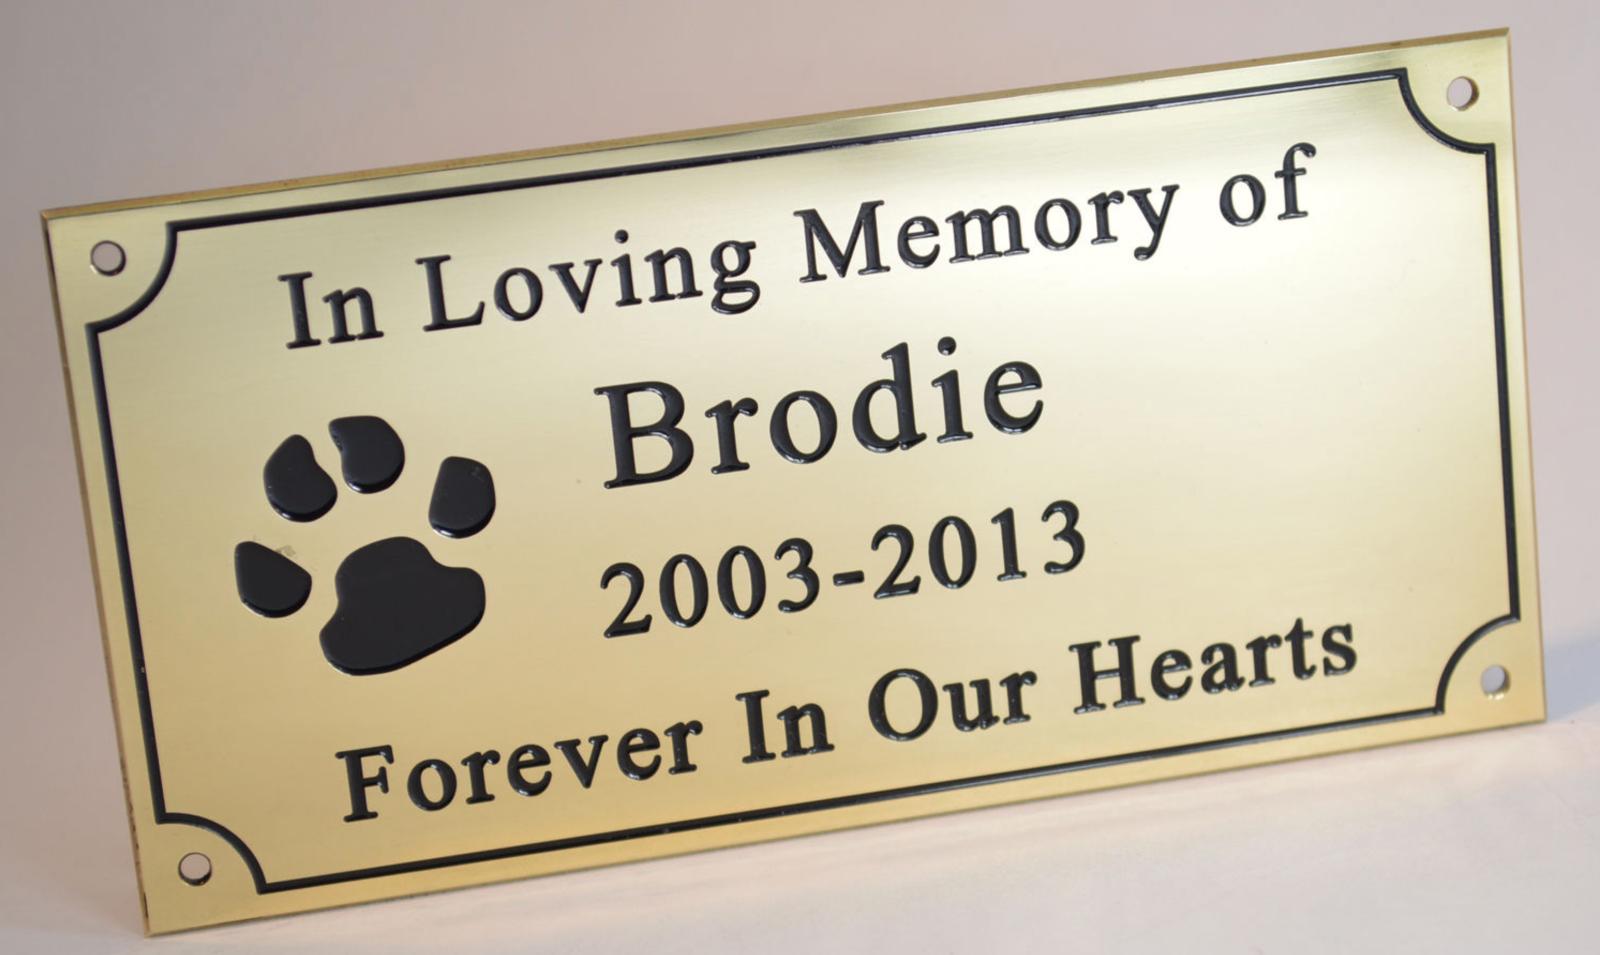 Perro De Madera Maciza Maciza Madera blanca, urna de la cremación ataúd, Yorkshire Terrier Cabello Largo c48254